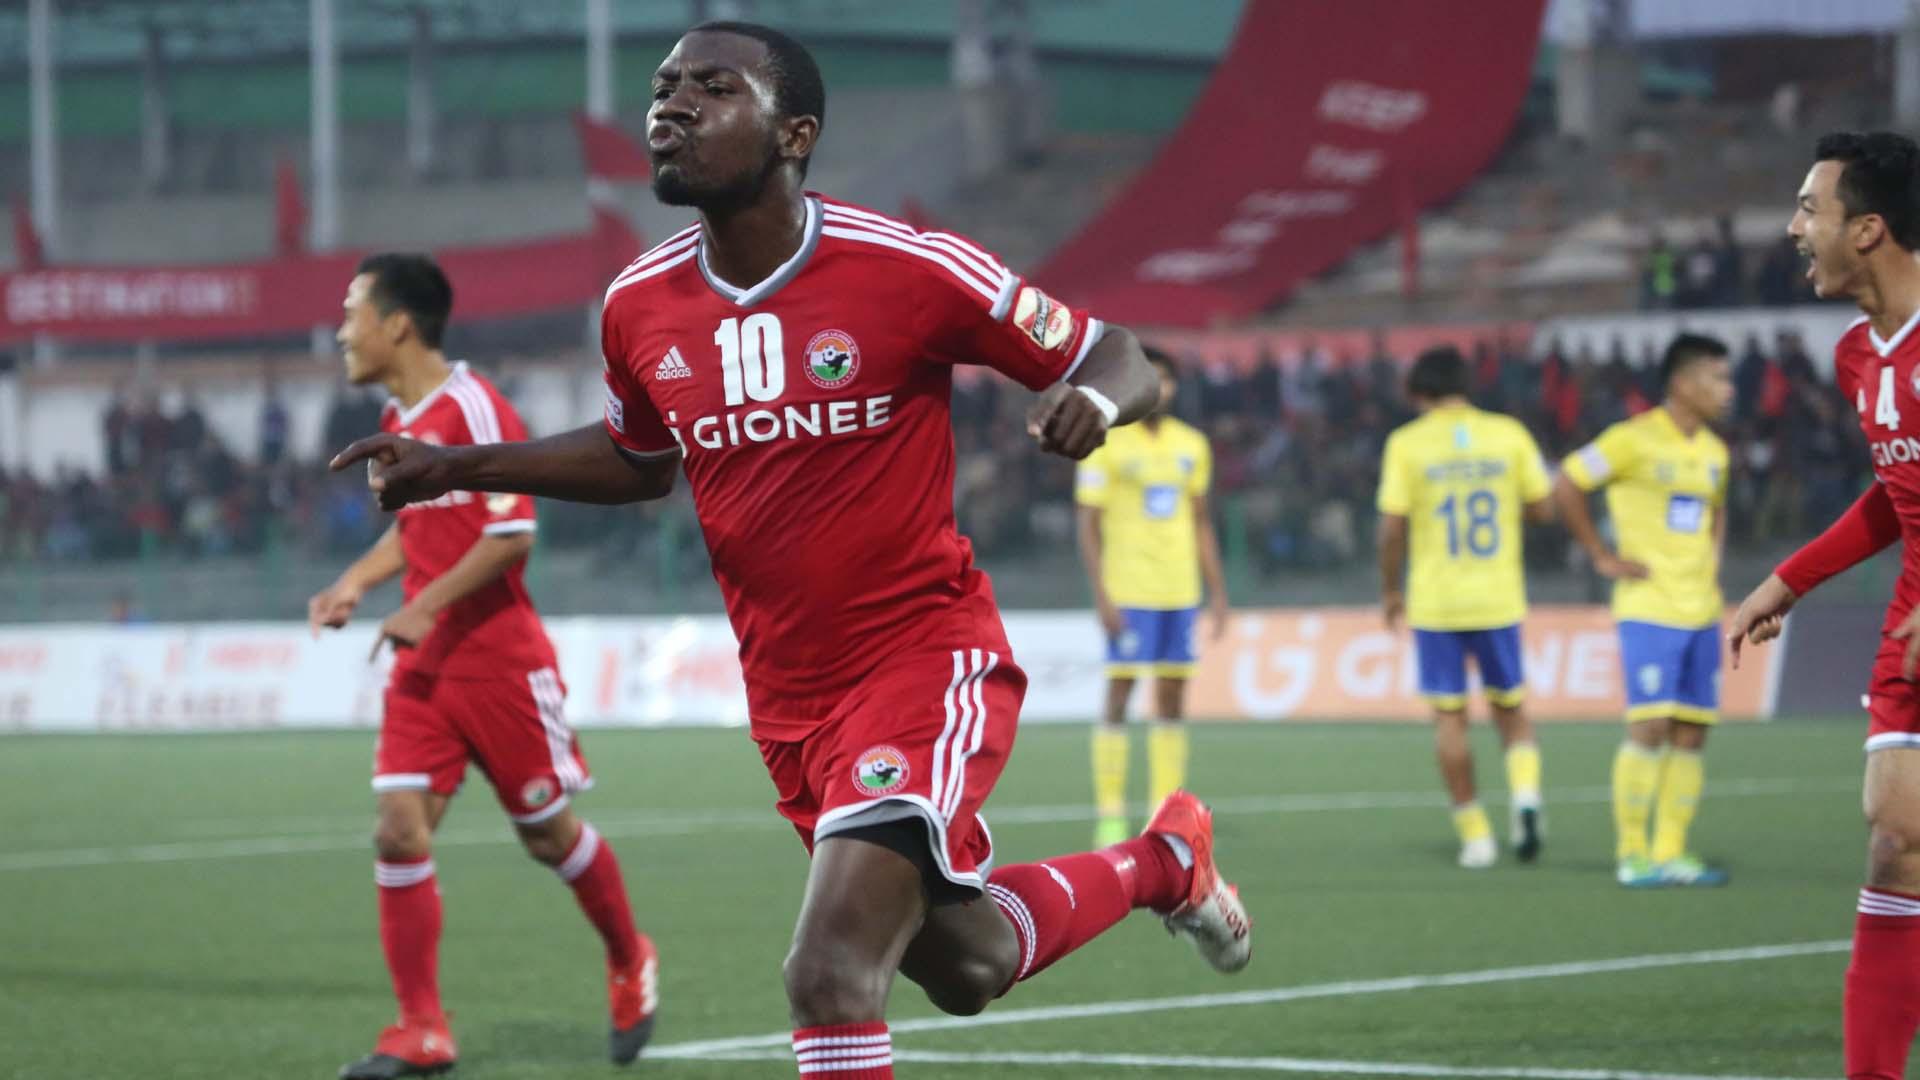 Dipanda Dicka Shillong Lajong FC Mumbai FC I-League 2017